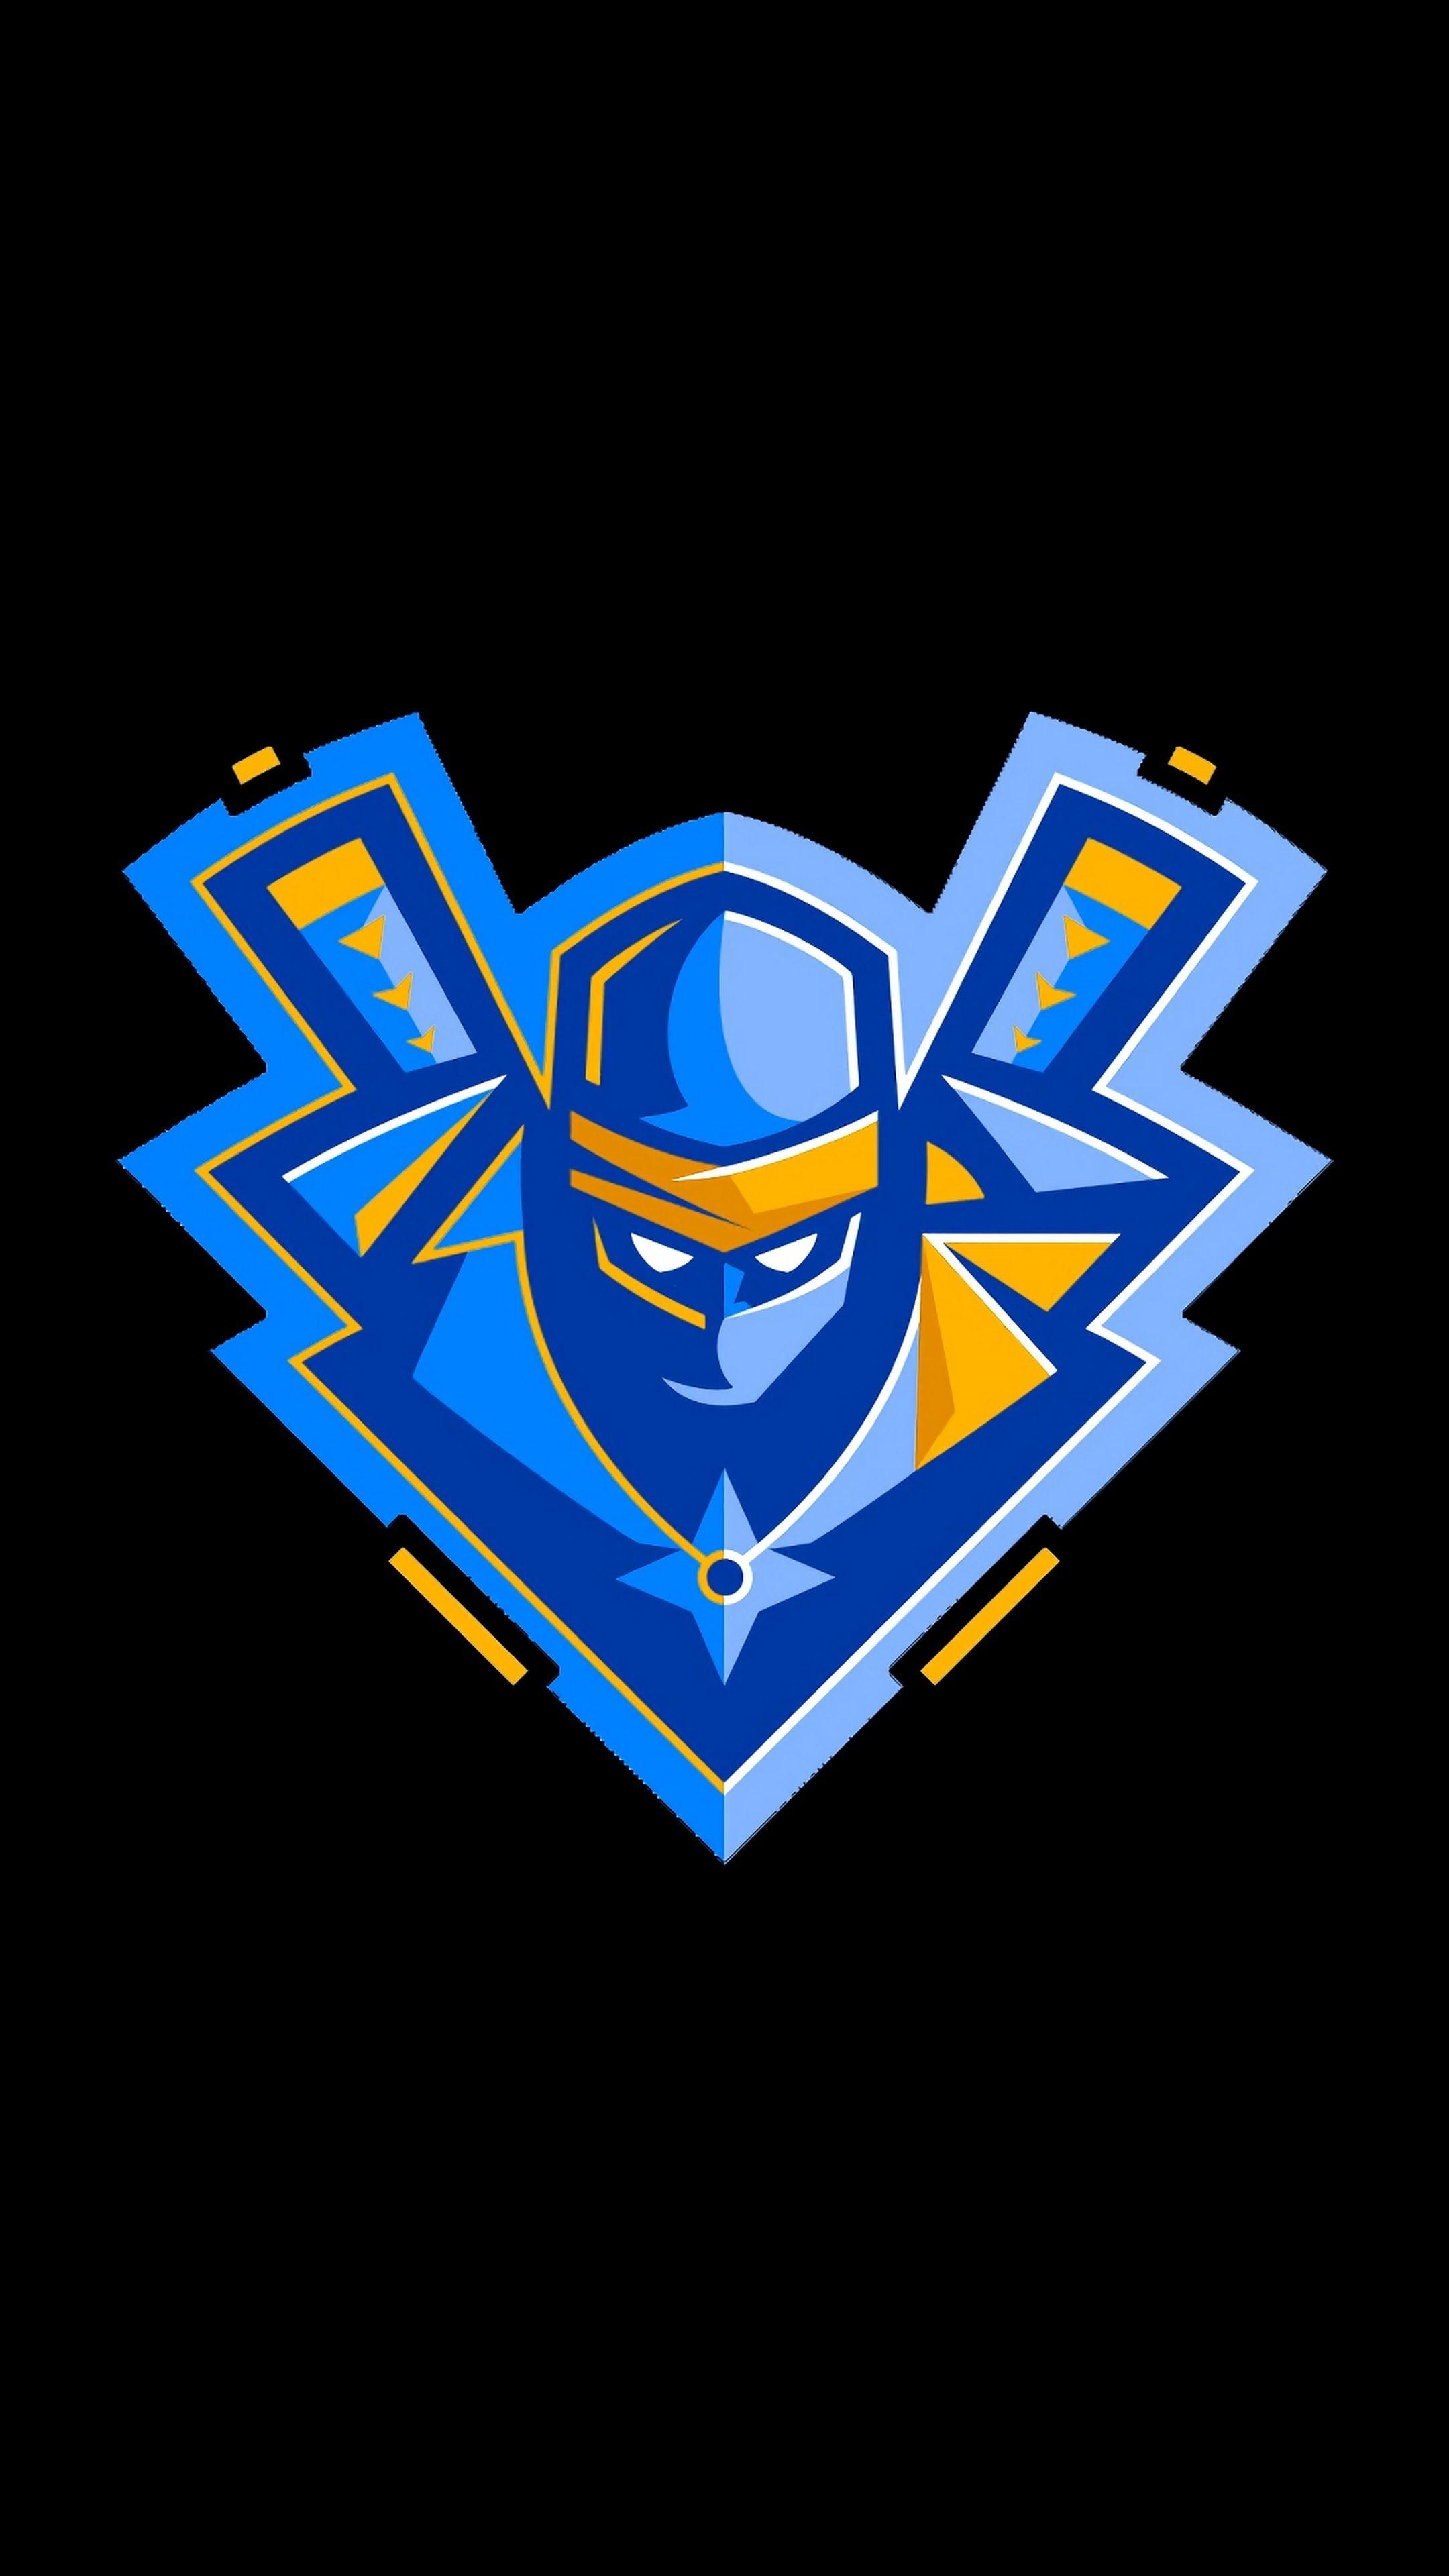 How To Draw Ninja Logo : ninja, Ninja, Fortnite, Wallpapers, WallpaperDog